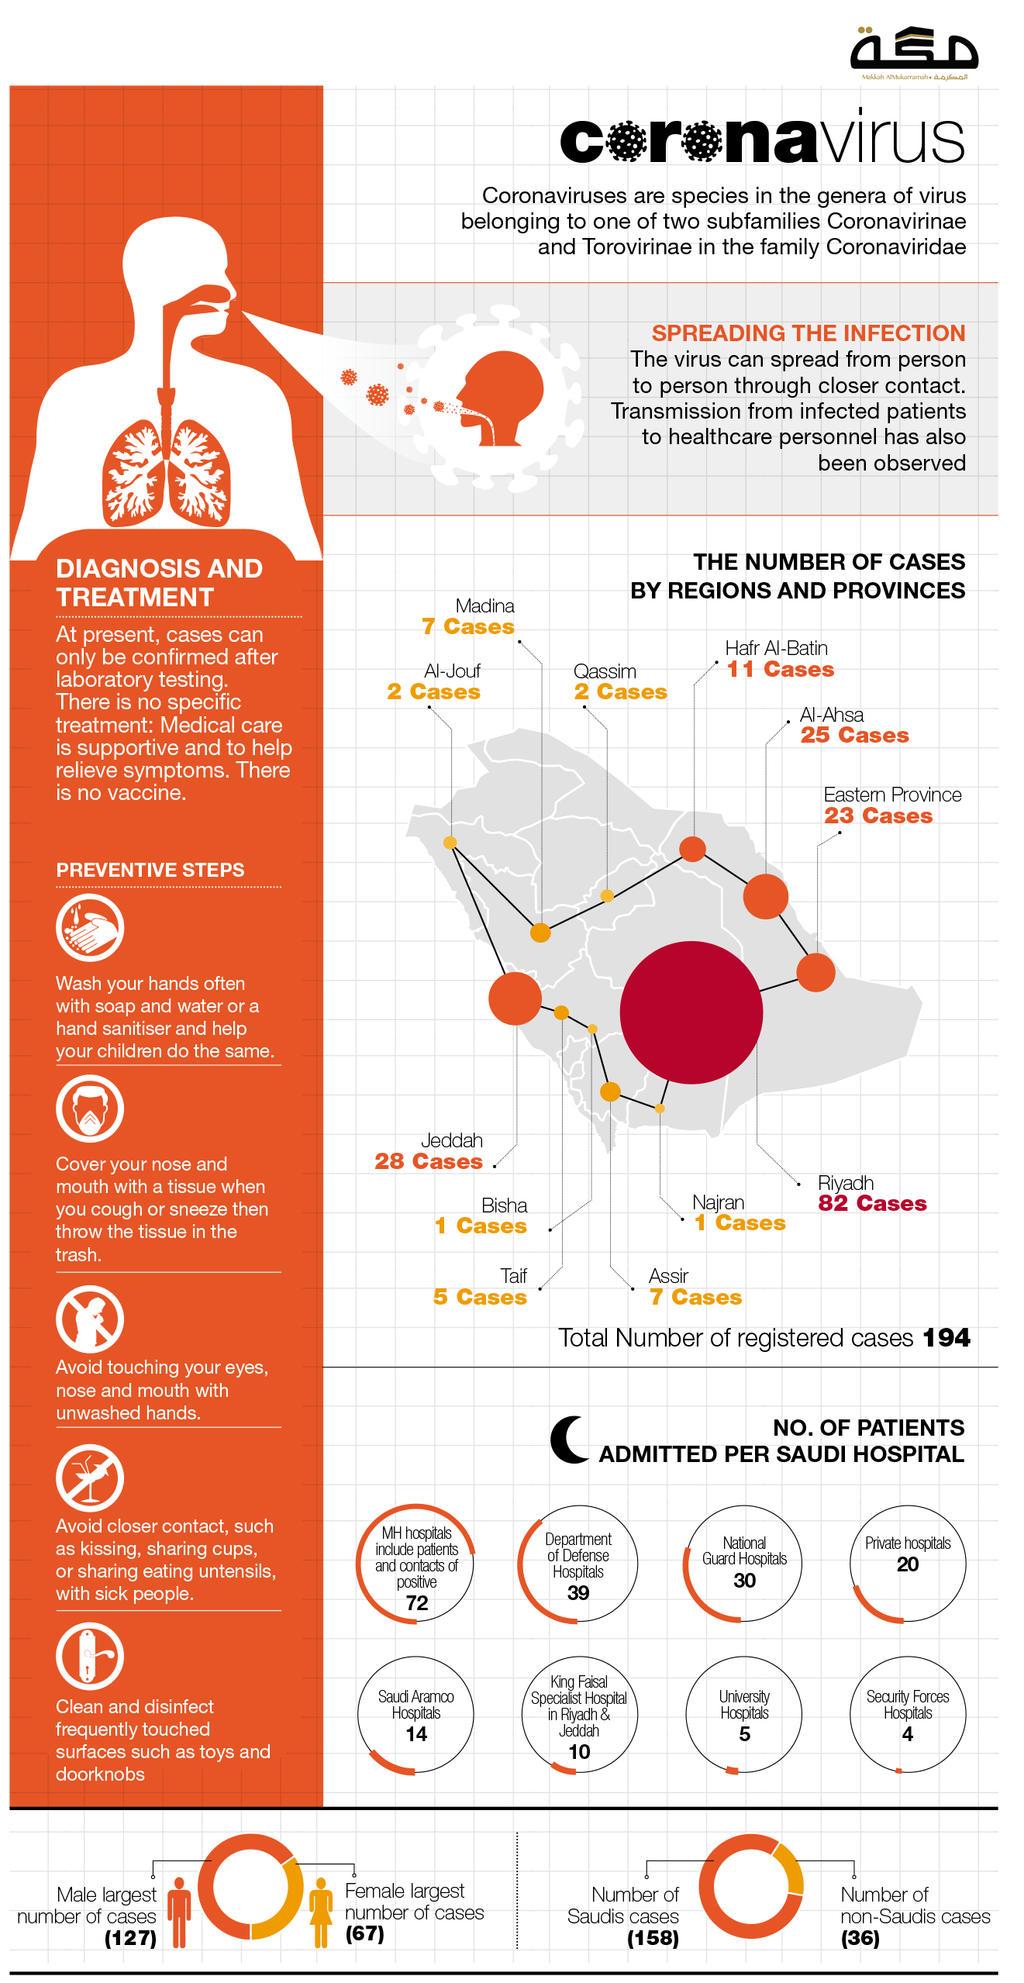 CoronaVirus Infographic by sheikhrouf23